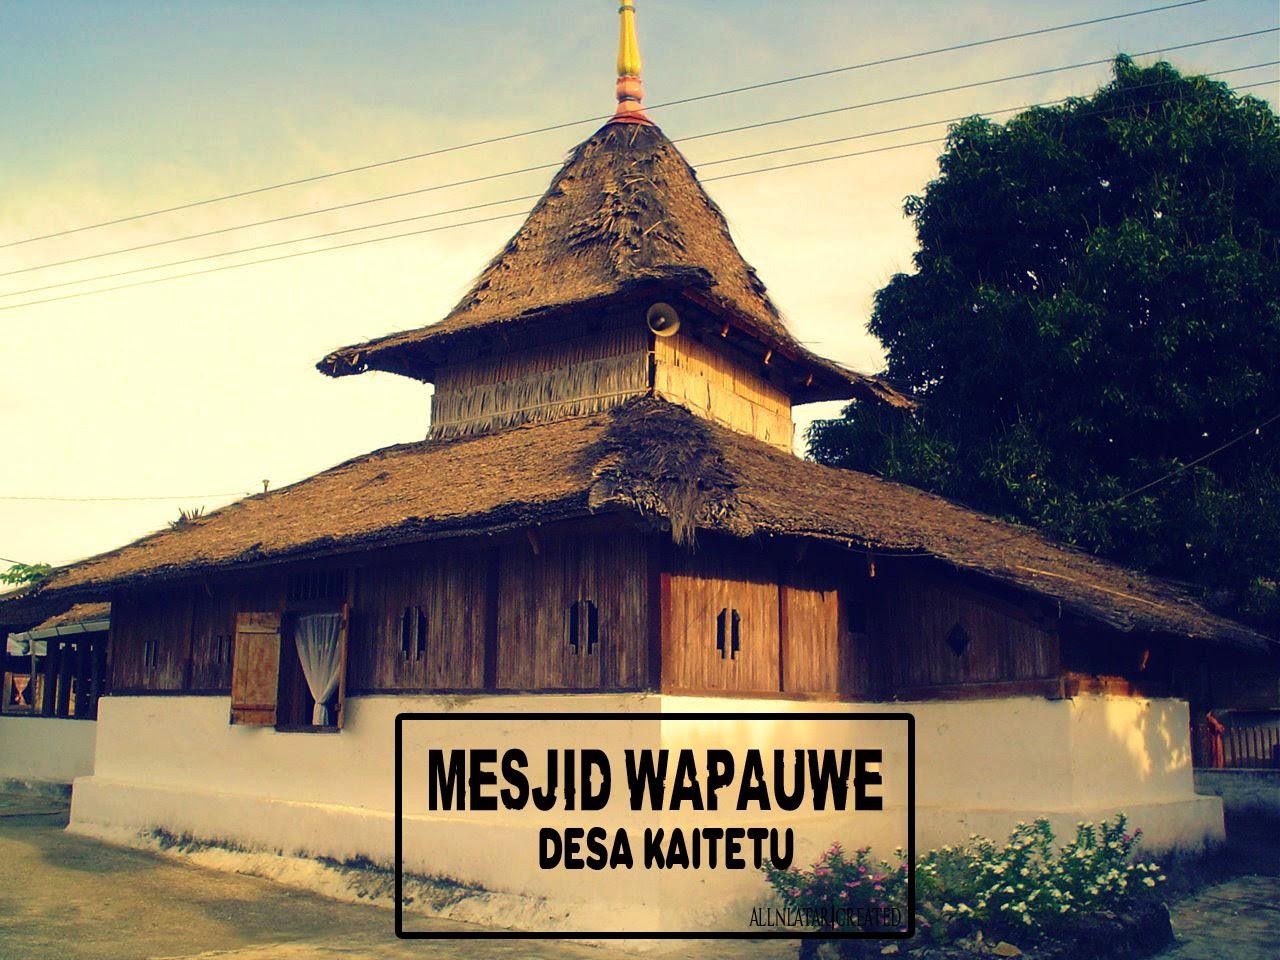 Mesjid Wapauwe - Desa Kaitetu